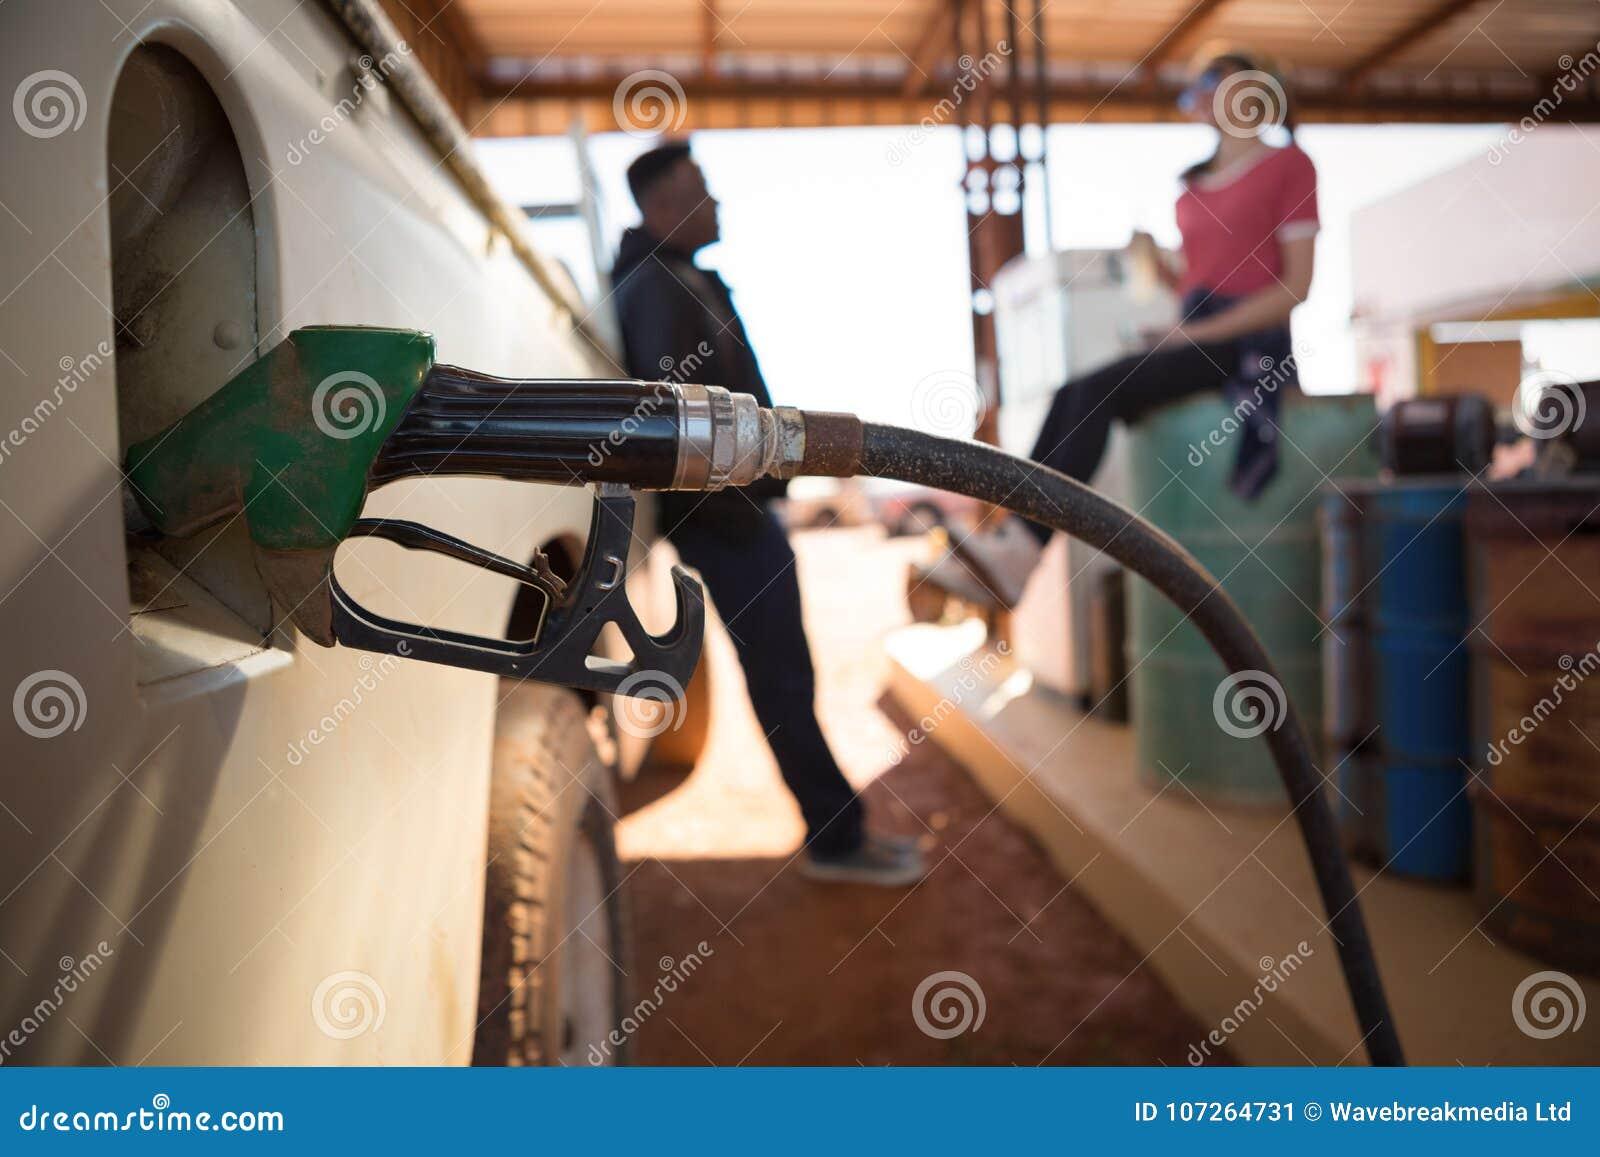 Automatische Düsen, die Treibstoff in Autobehälter füllen